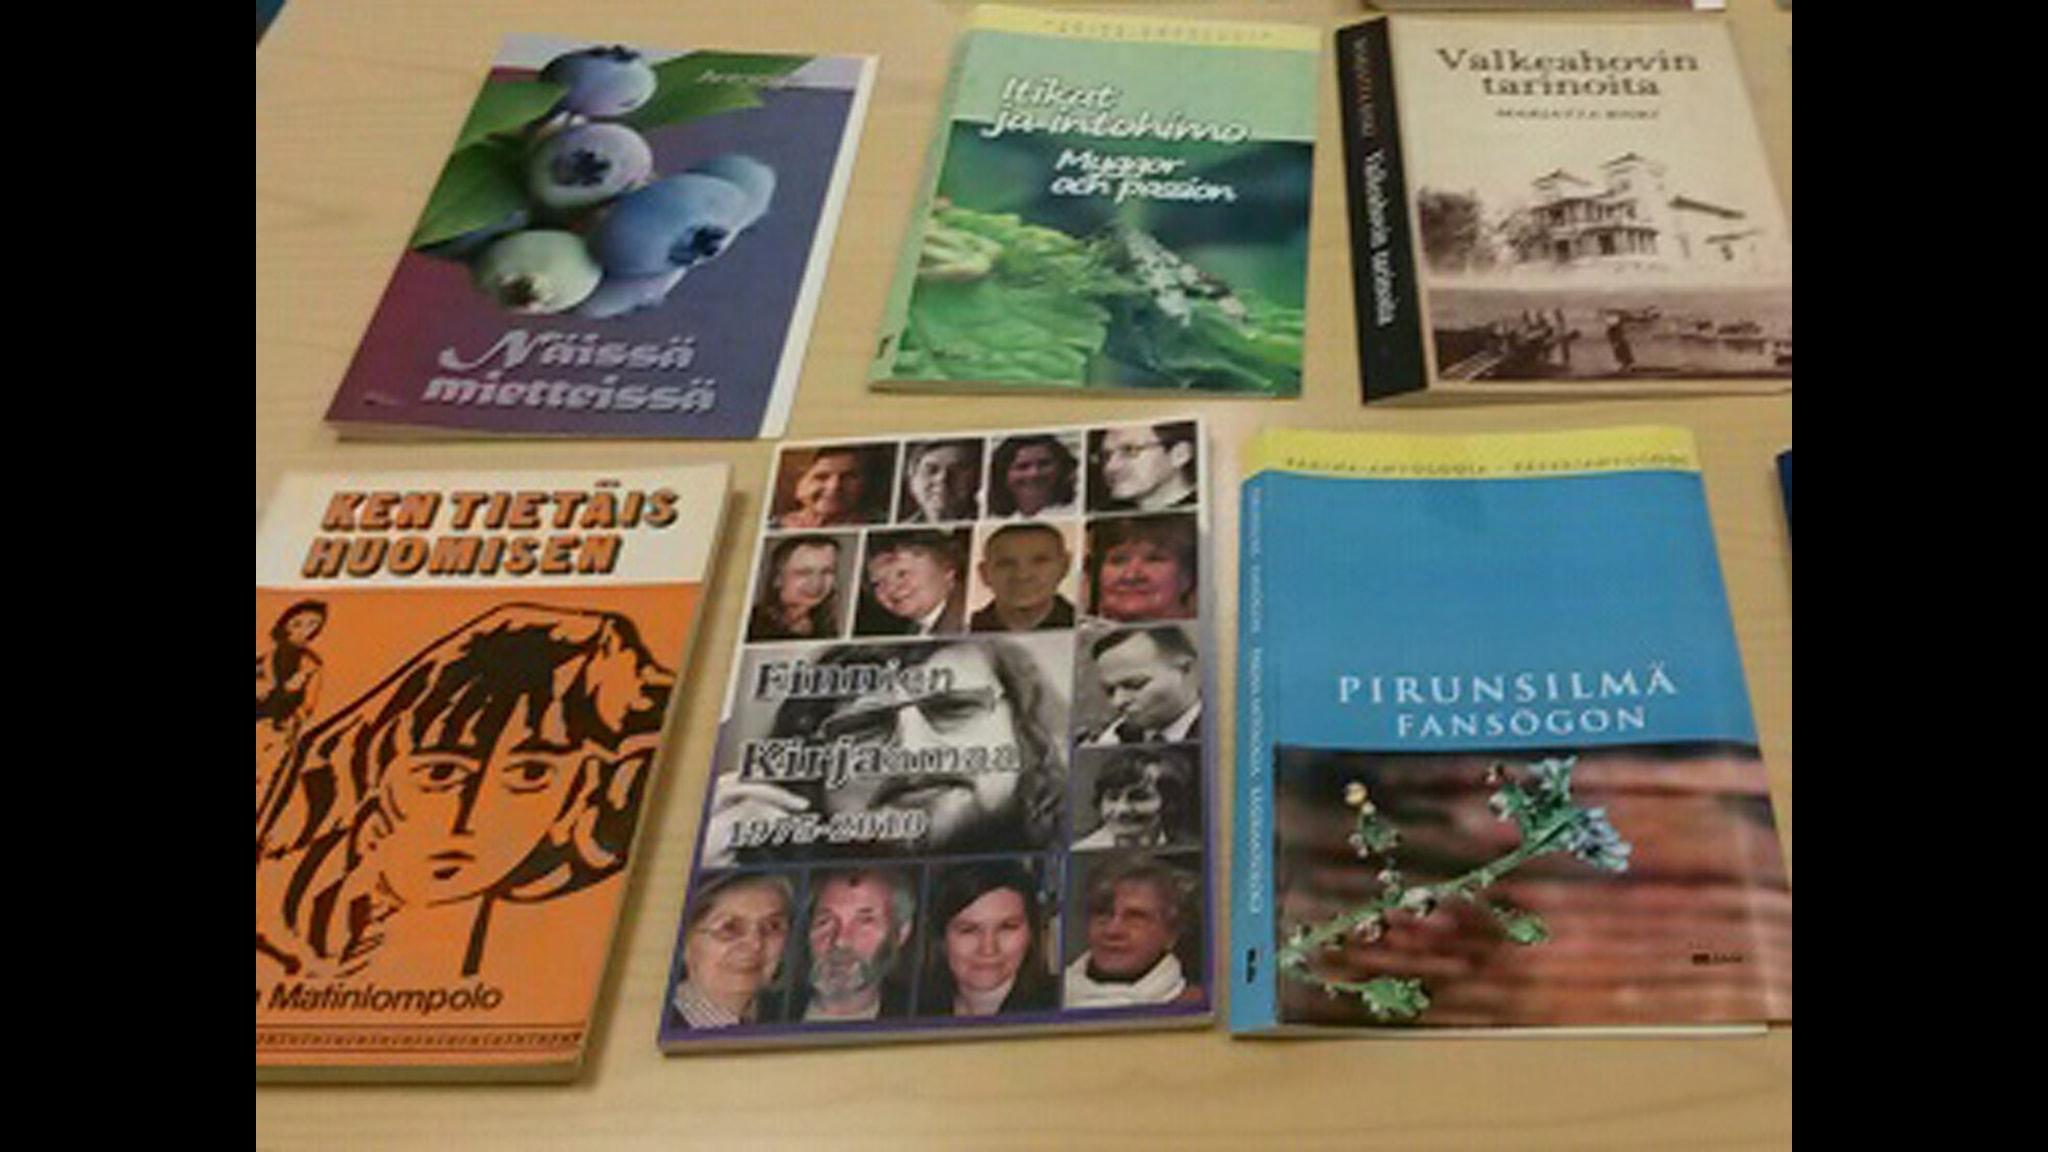 Ruotsinsuomalaista kirjallisuutta monelta suunnalta